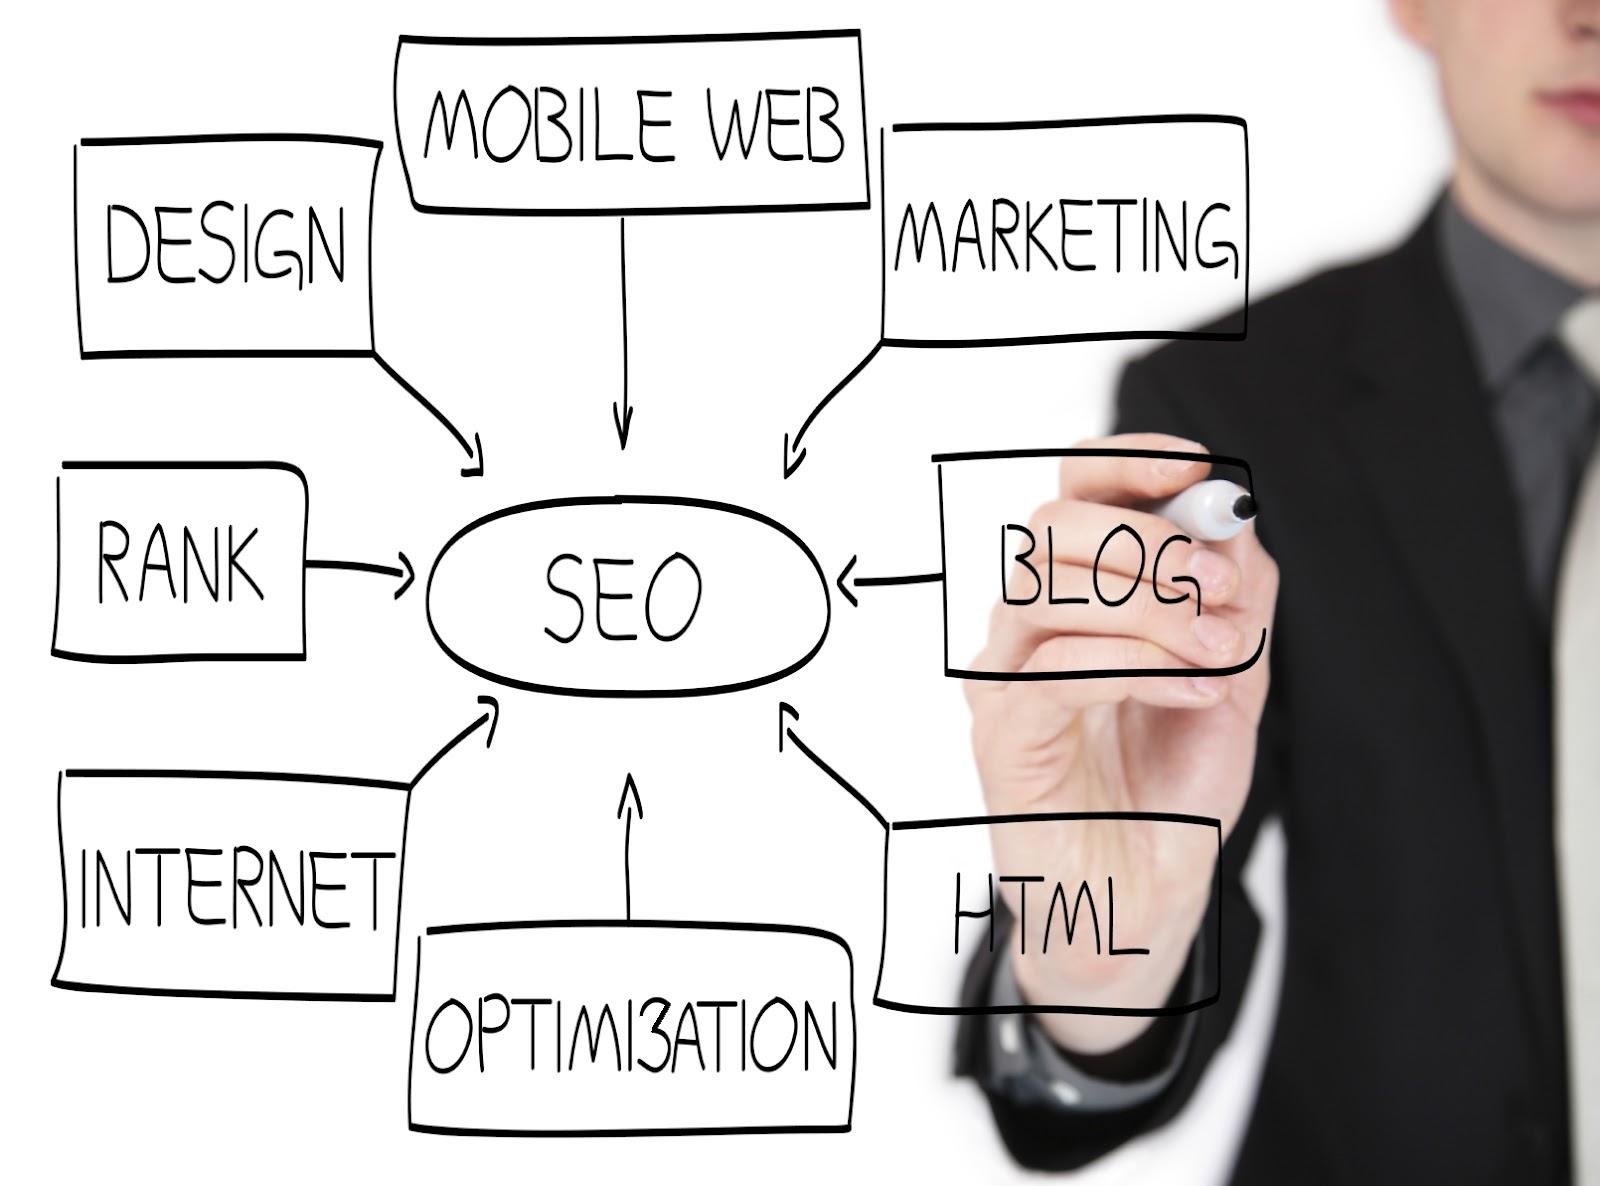 provide over 20,000 Live SEO Blog Comment Backlinks,  Improve Your Link Building Pr 0, 1, 2, 3, 4 - Pr 5